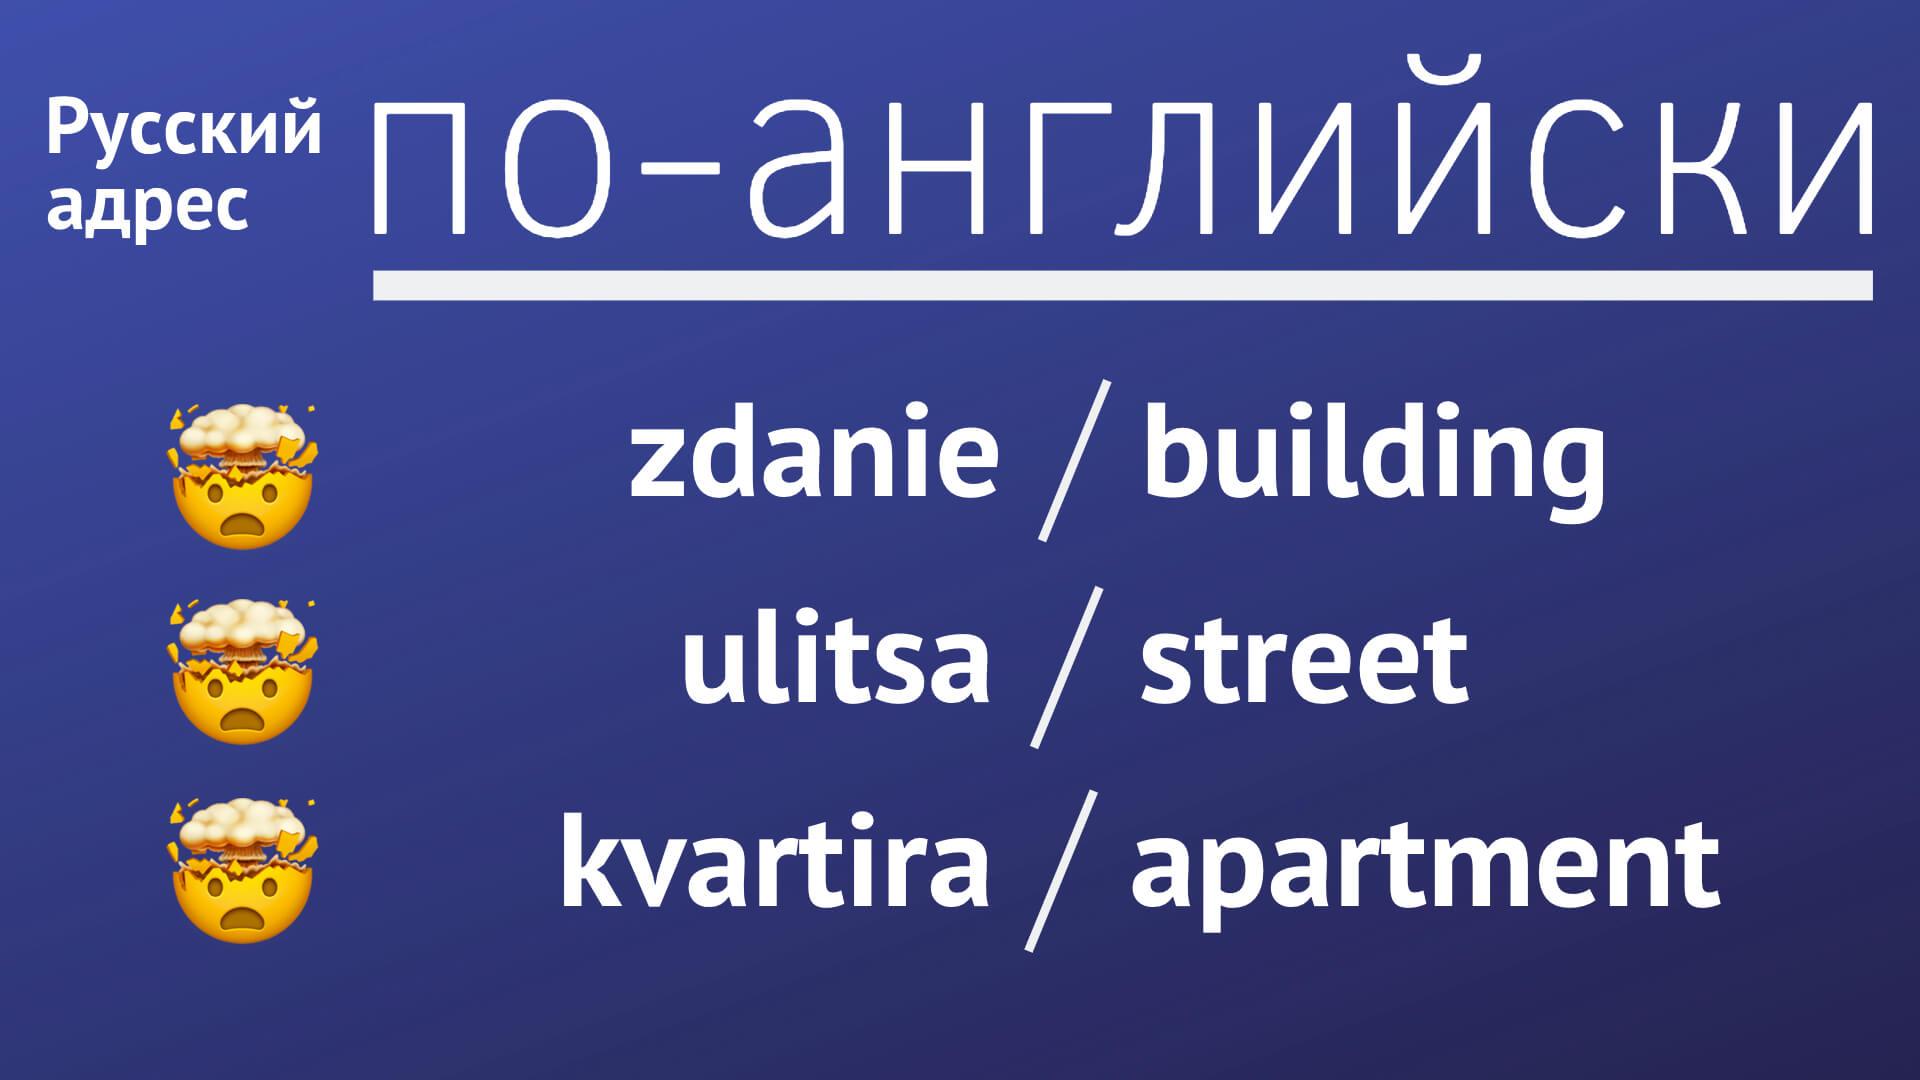 русский адрес по-английски (трудности и особенности)